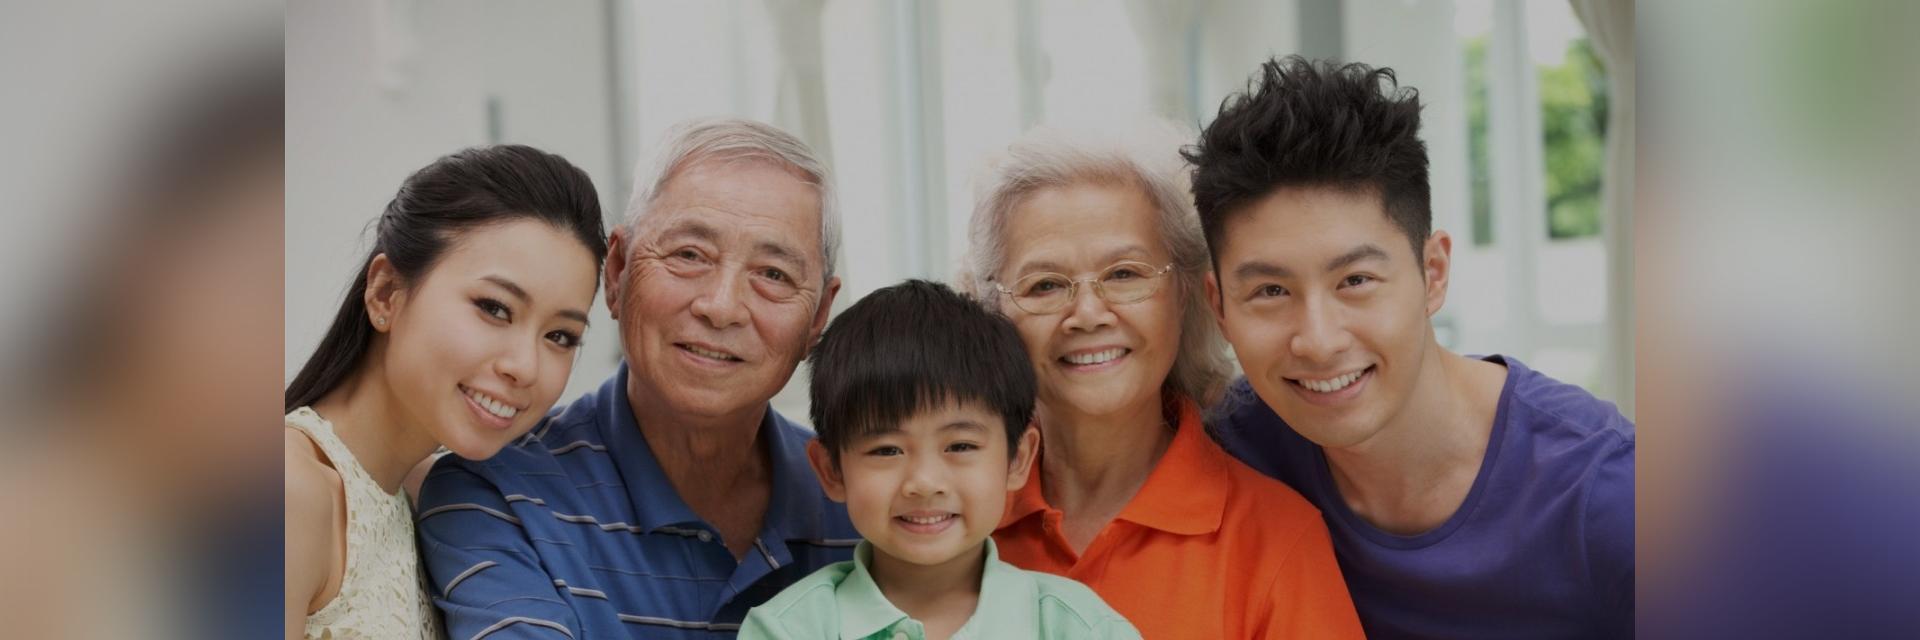 hastings street family dentist